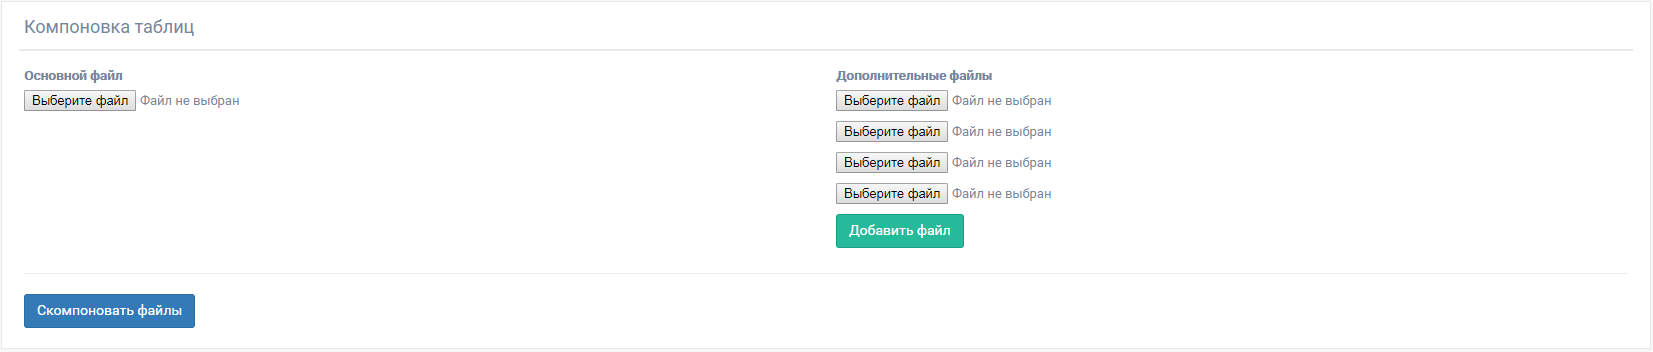 Обзор SEO-инструмента Муравейник Tools